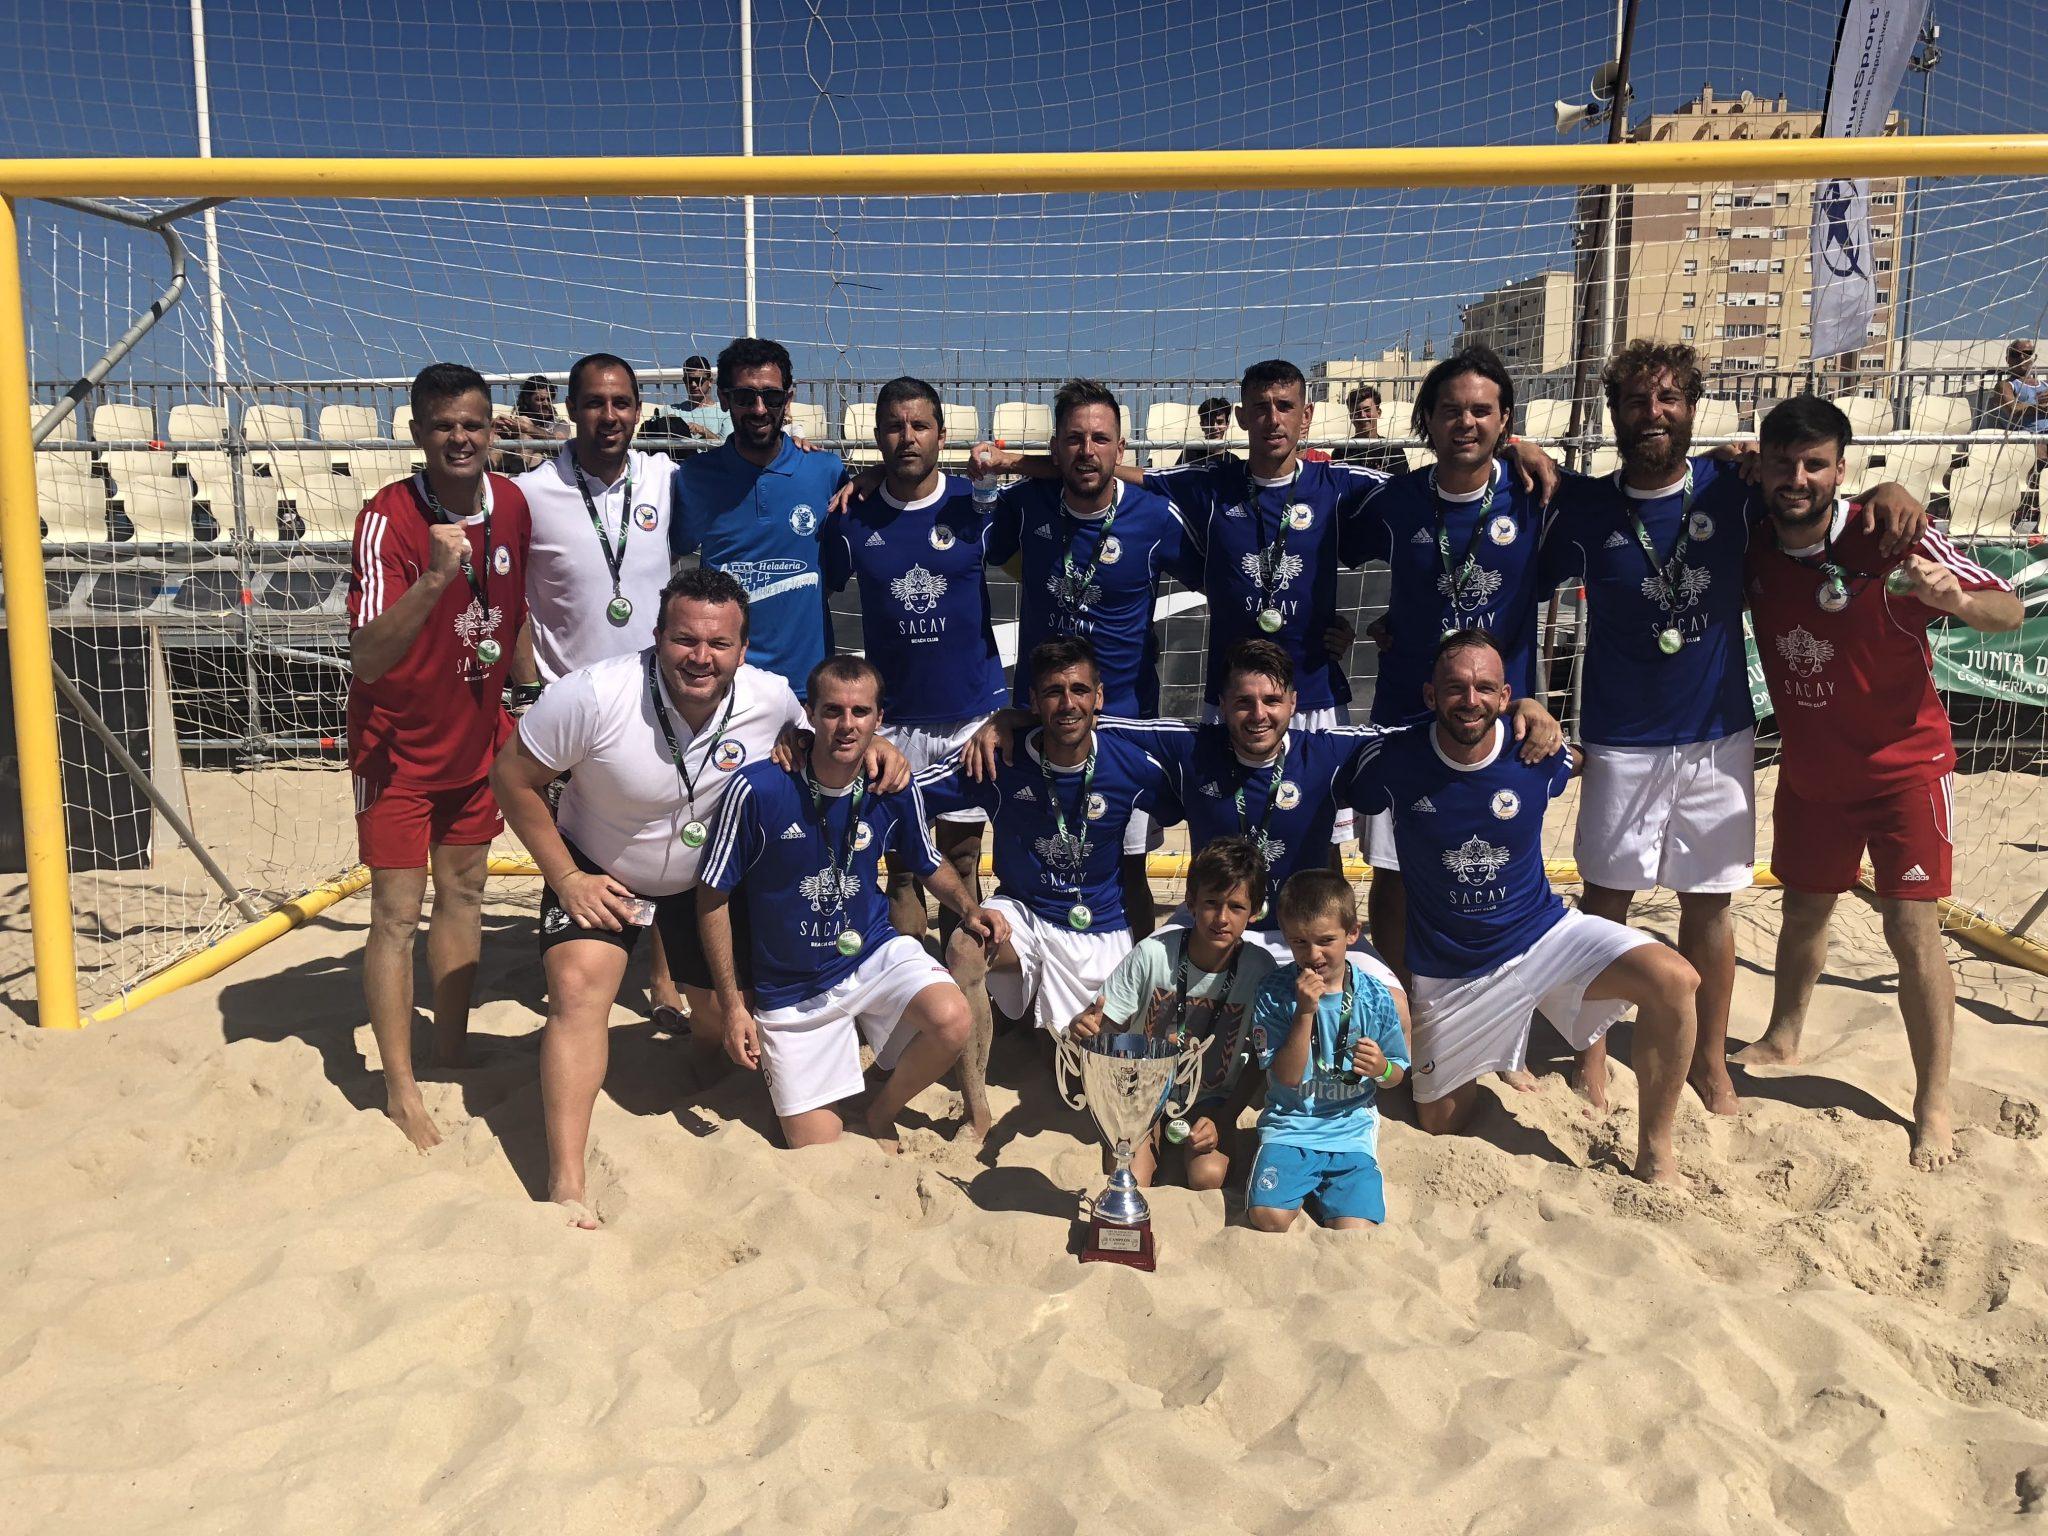 El C.D. Fútbol Playa Marbella se proclama campeón de Andalucía en Cádiz